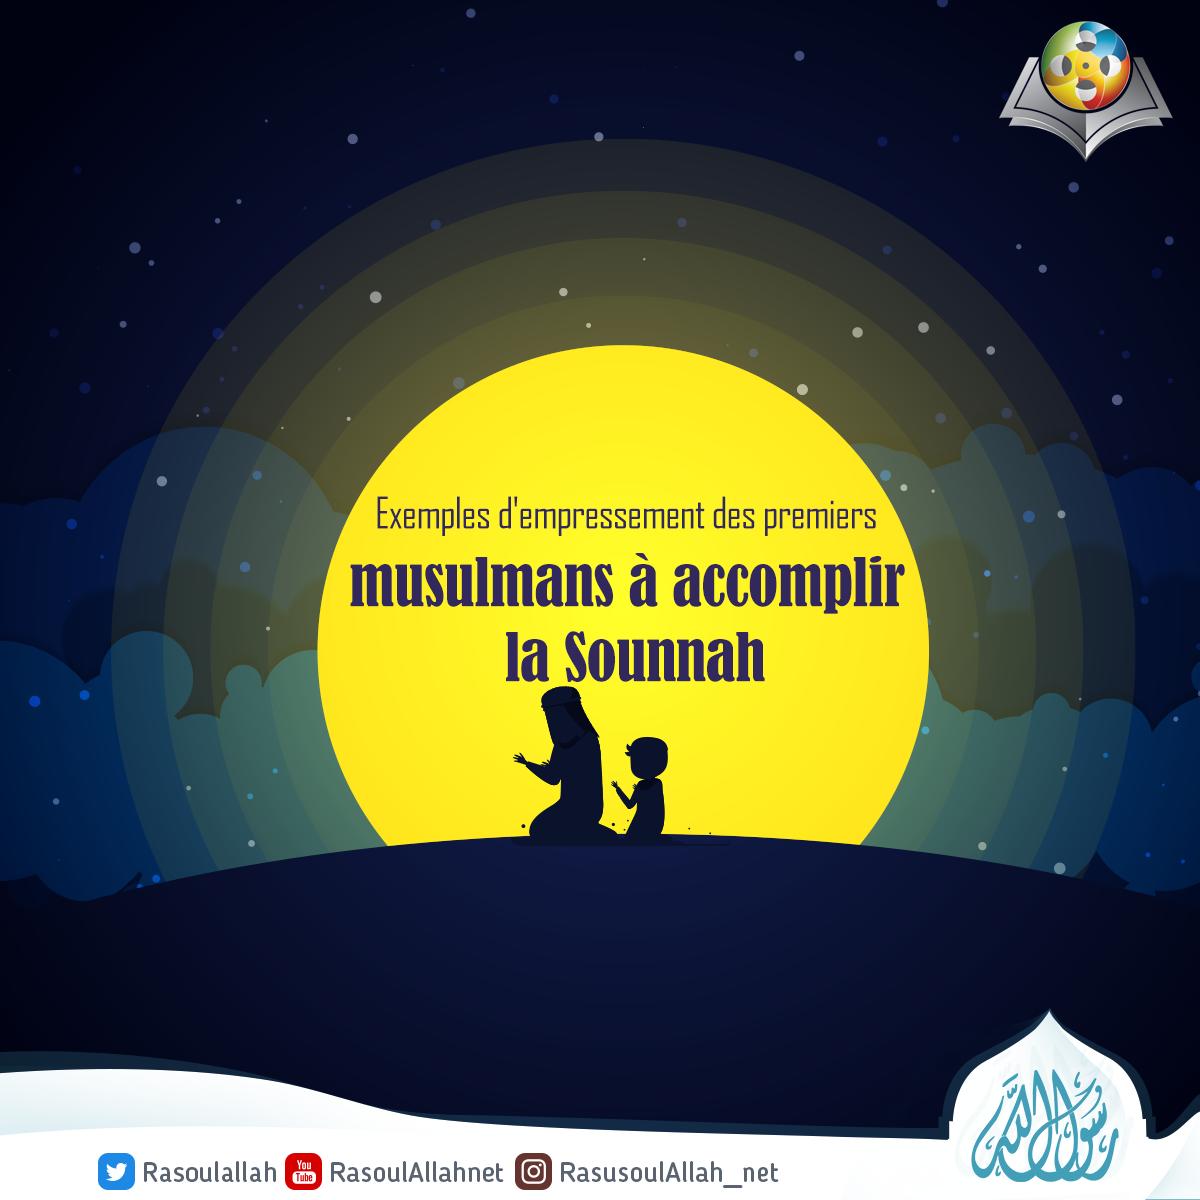 Exemples d'empressement des premiers musulmans à accomplir la Sounnah